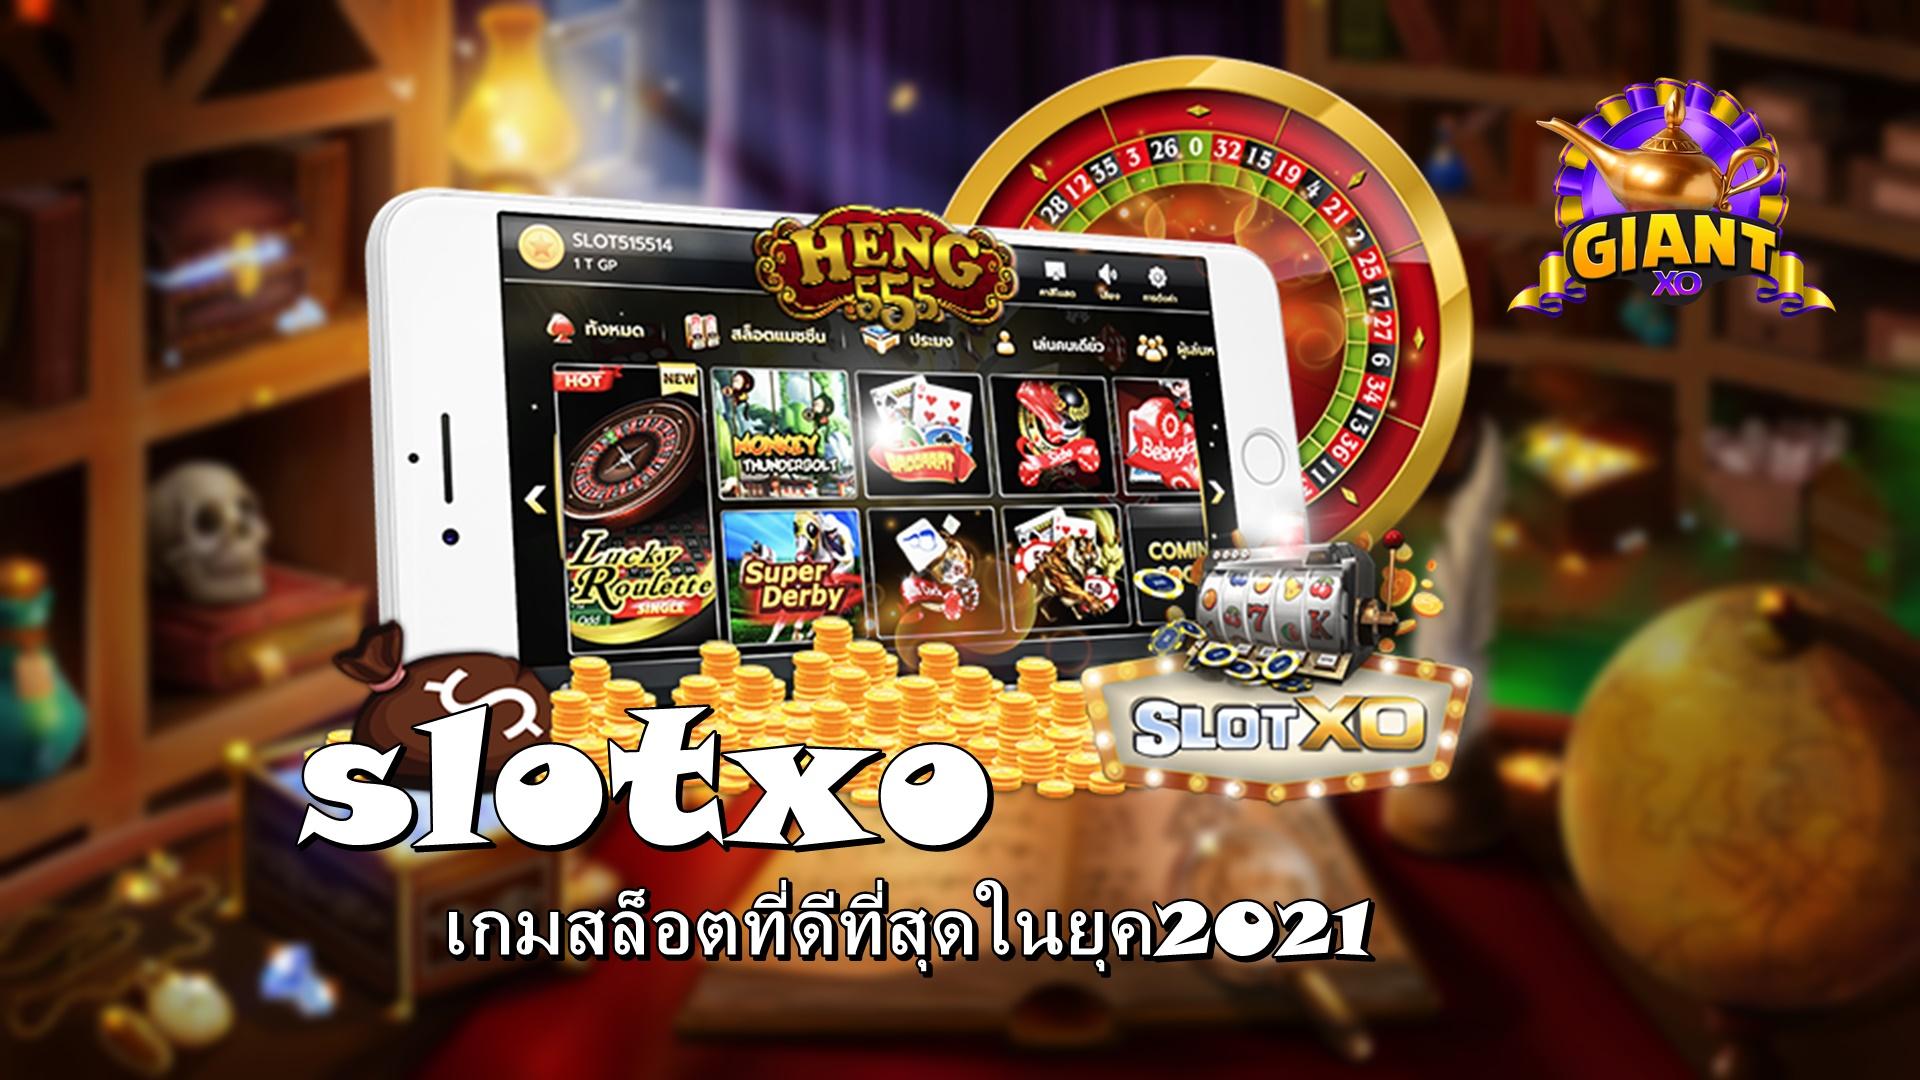 Cashing Away at Online casinos